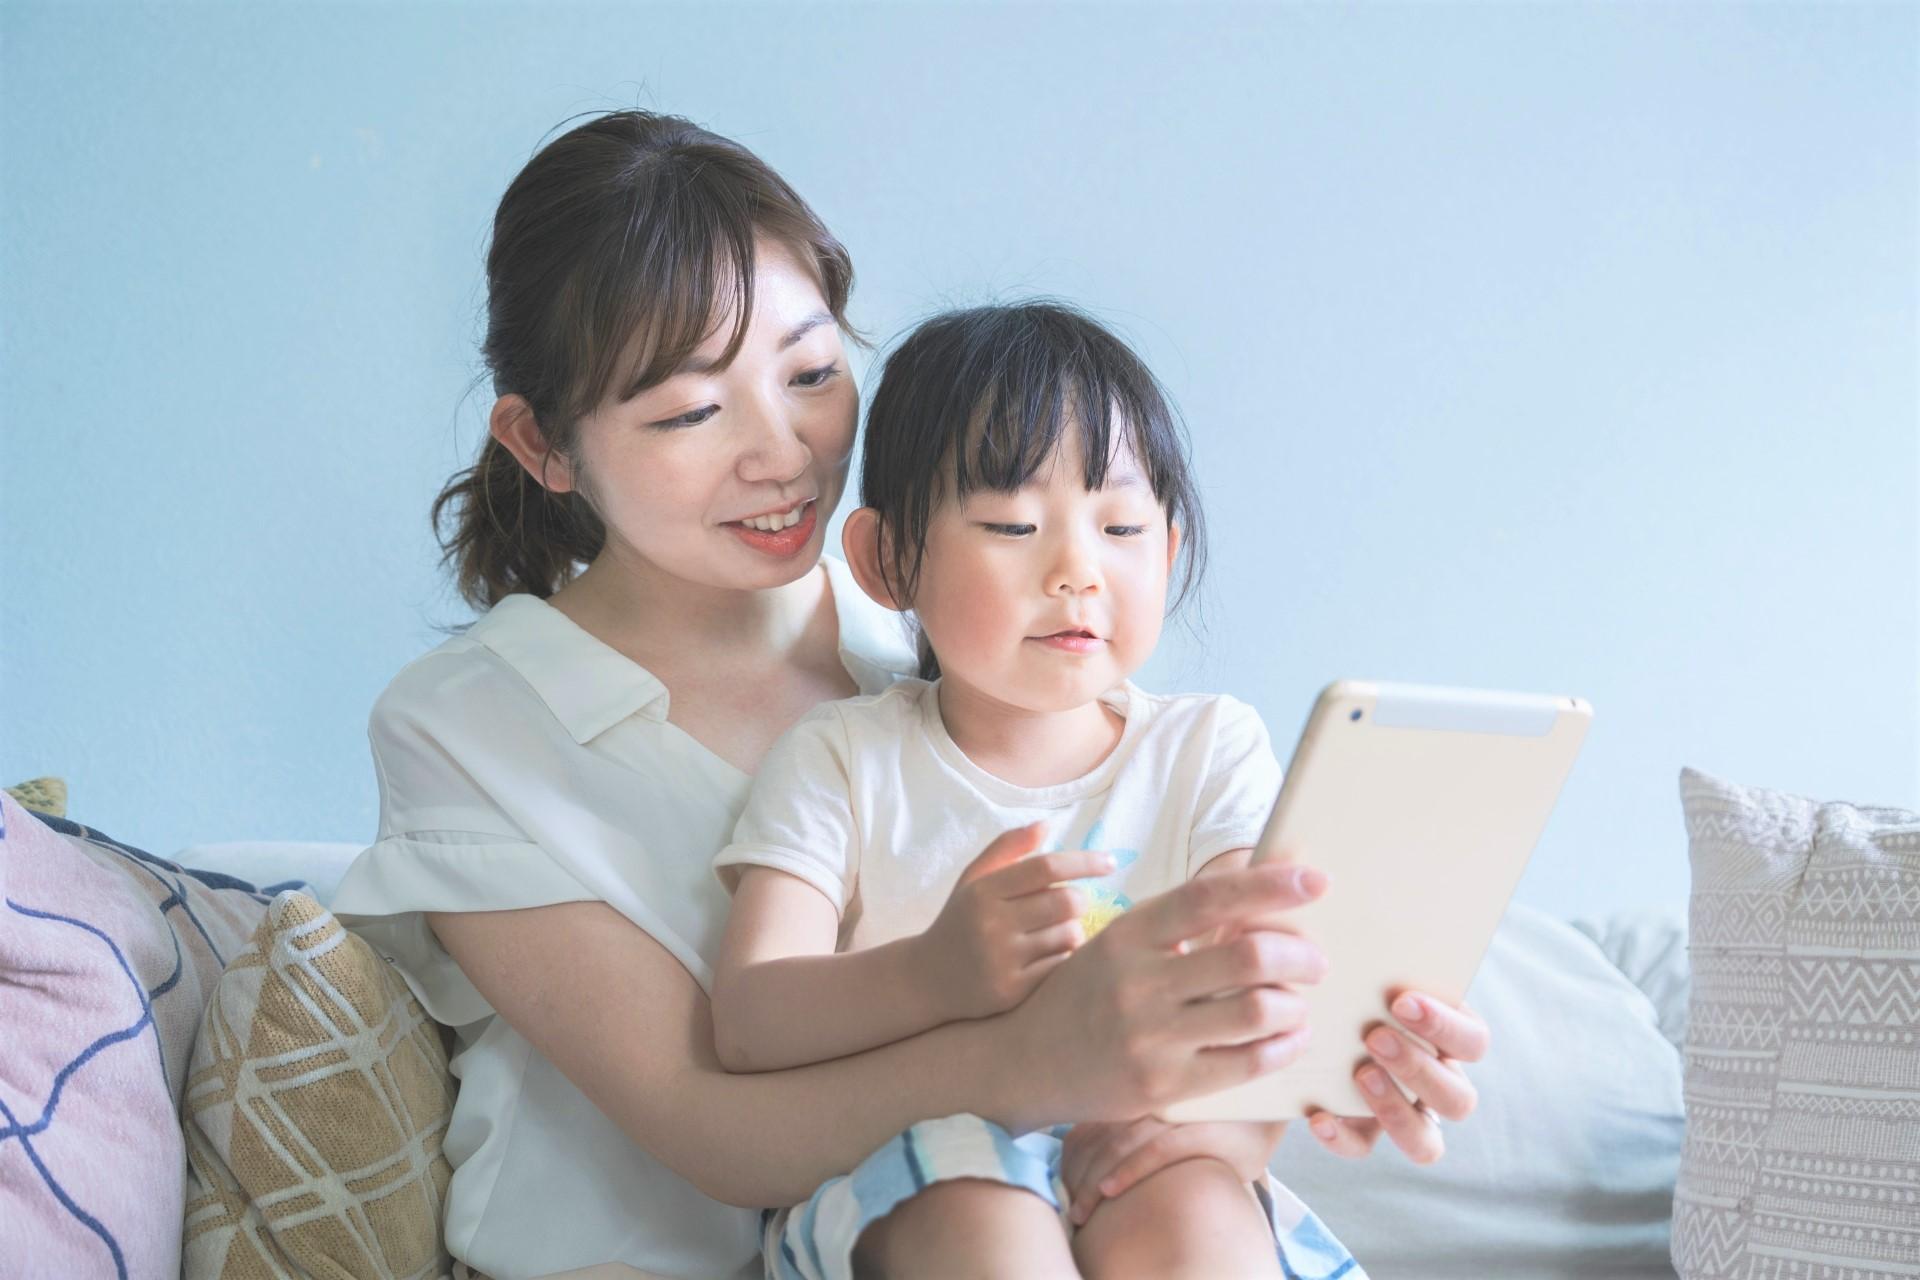 オンライン英語学童では親のサポートが必須?受講中のサポートについてご紹介